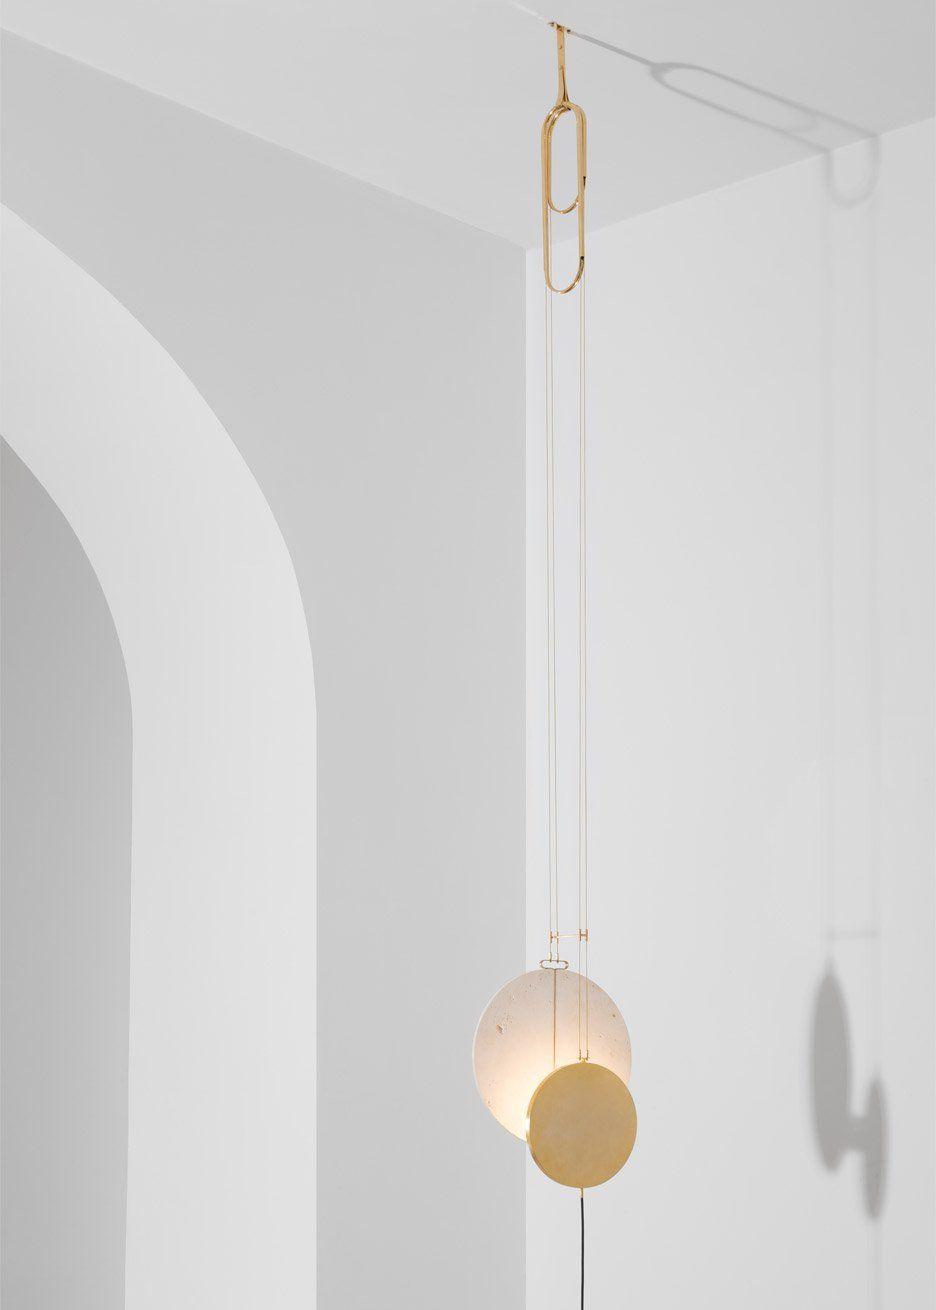 Delta 3 Light Bathroom Vanity Light: Delta Collection By Formafantasma At Design Basel/Miami